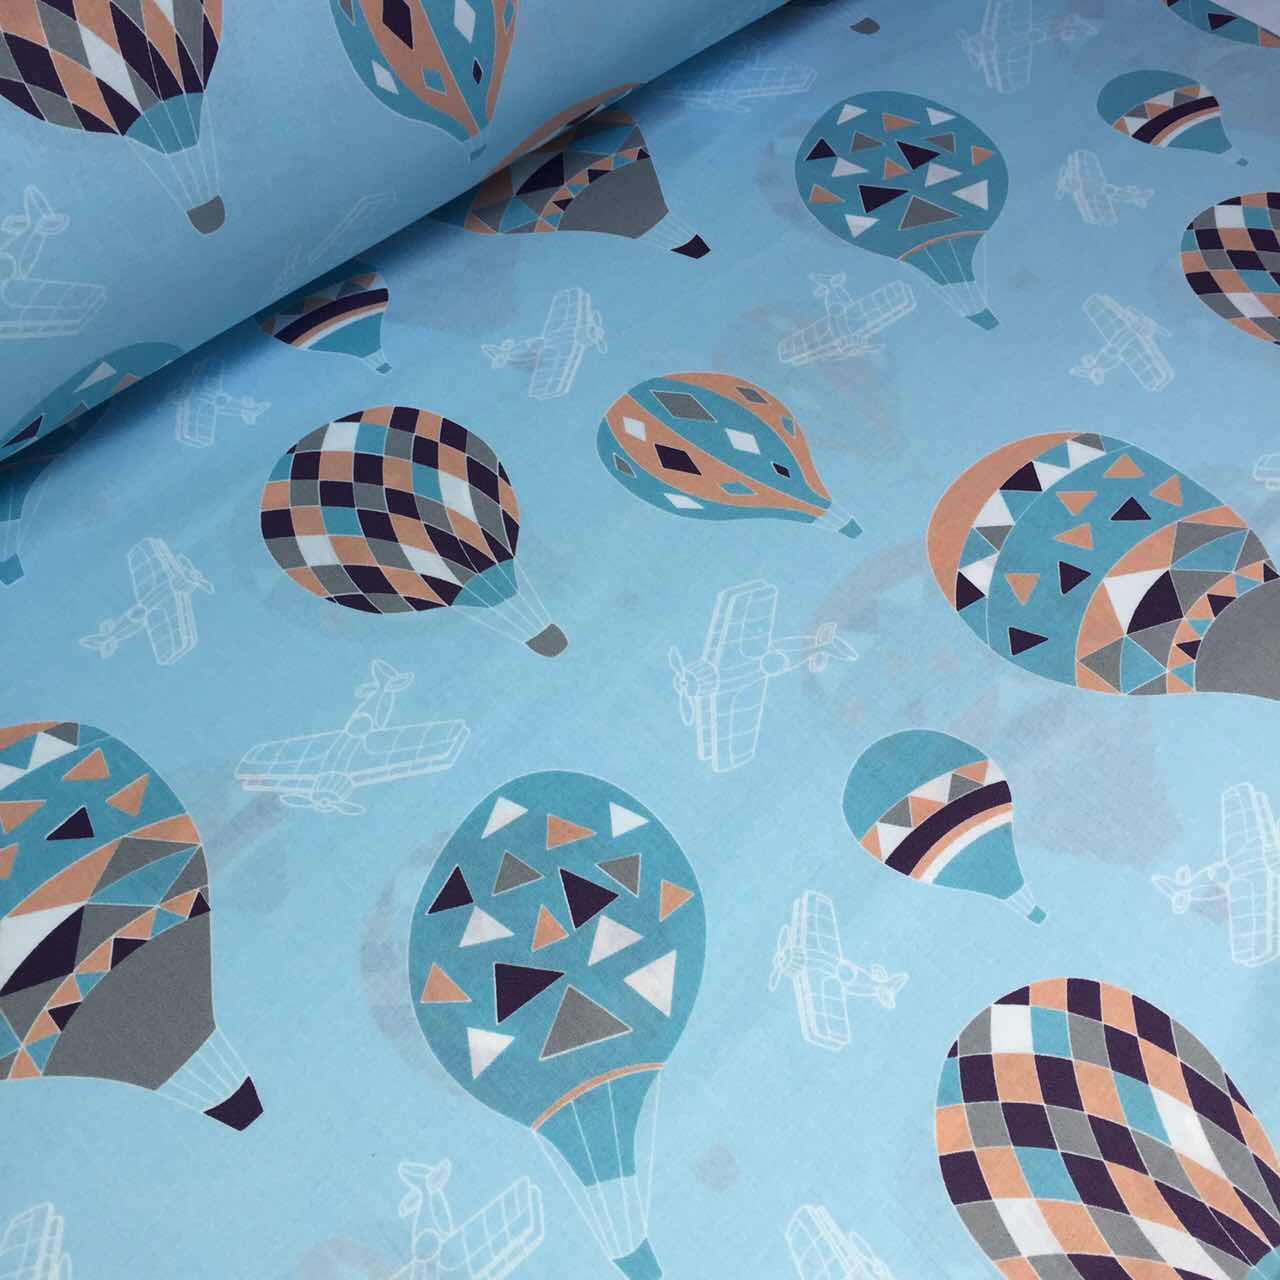 Хлопковая ткань премиум класса  с воздушными шарами на голубом фоне №2-593